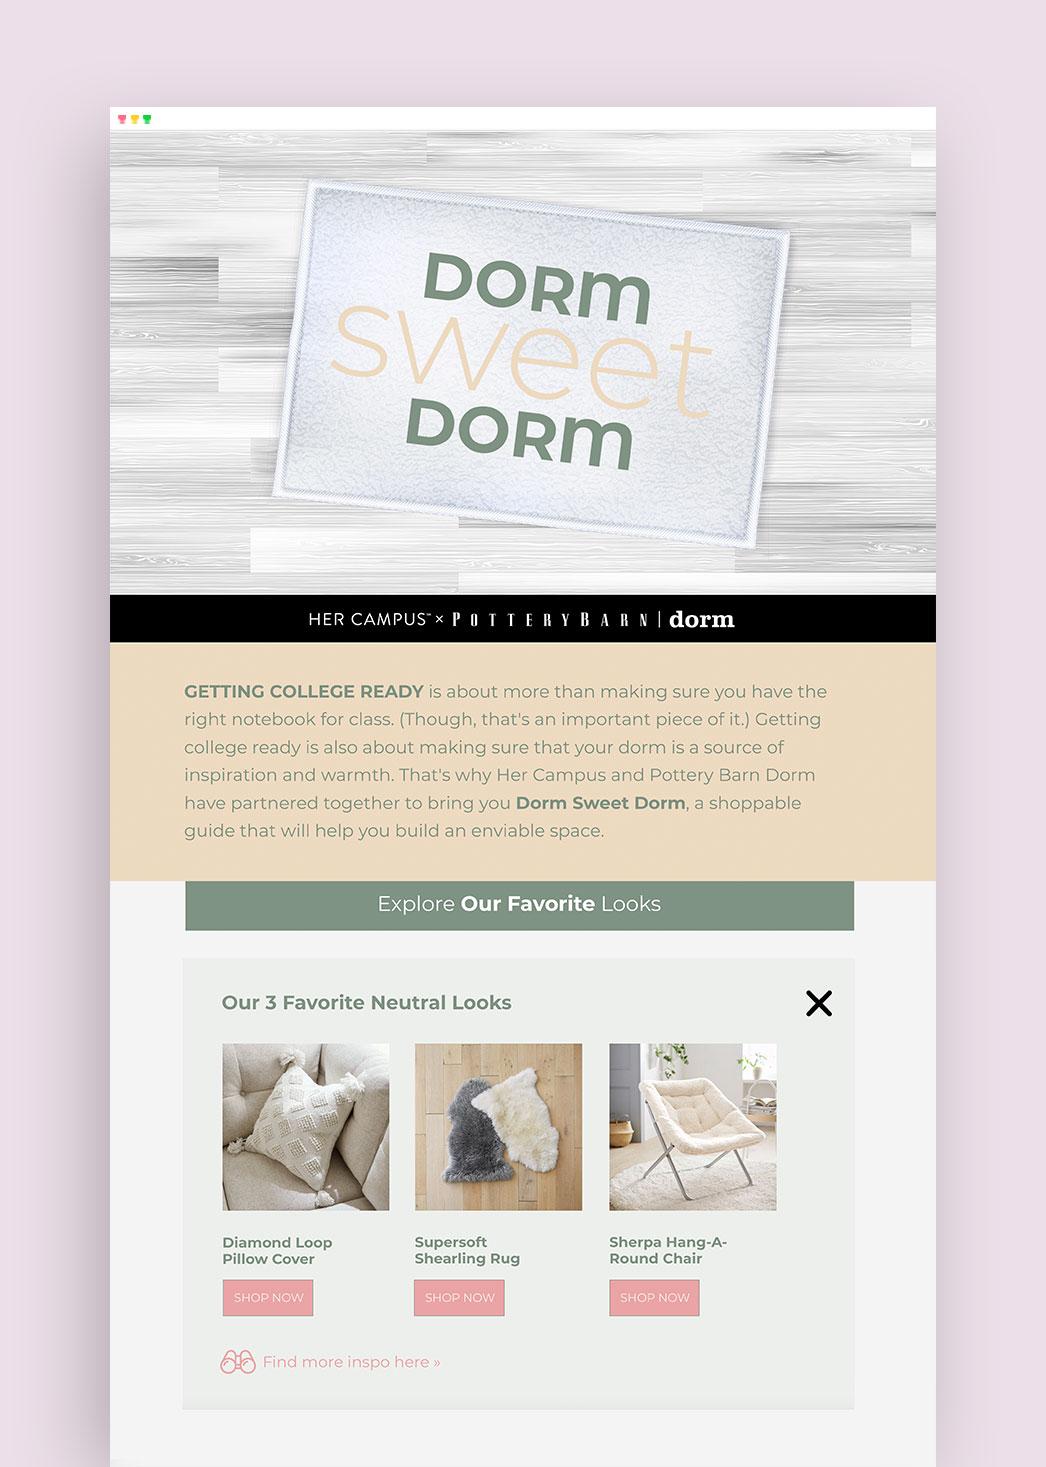 Dorm Sweet Dorm Content Hub